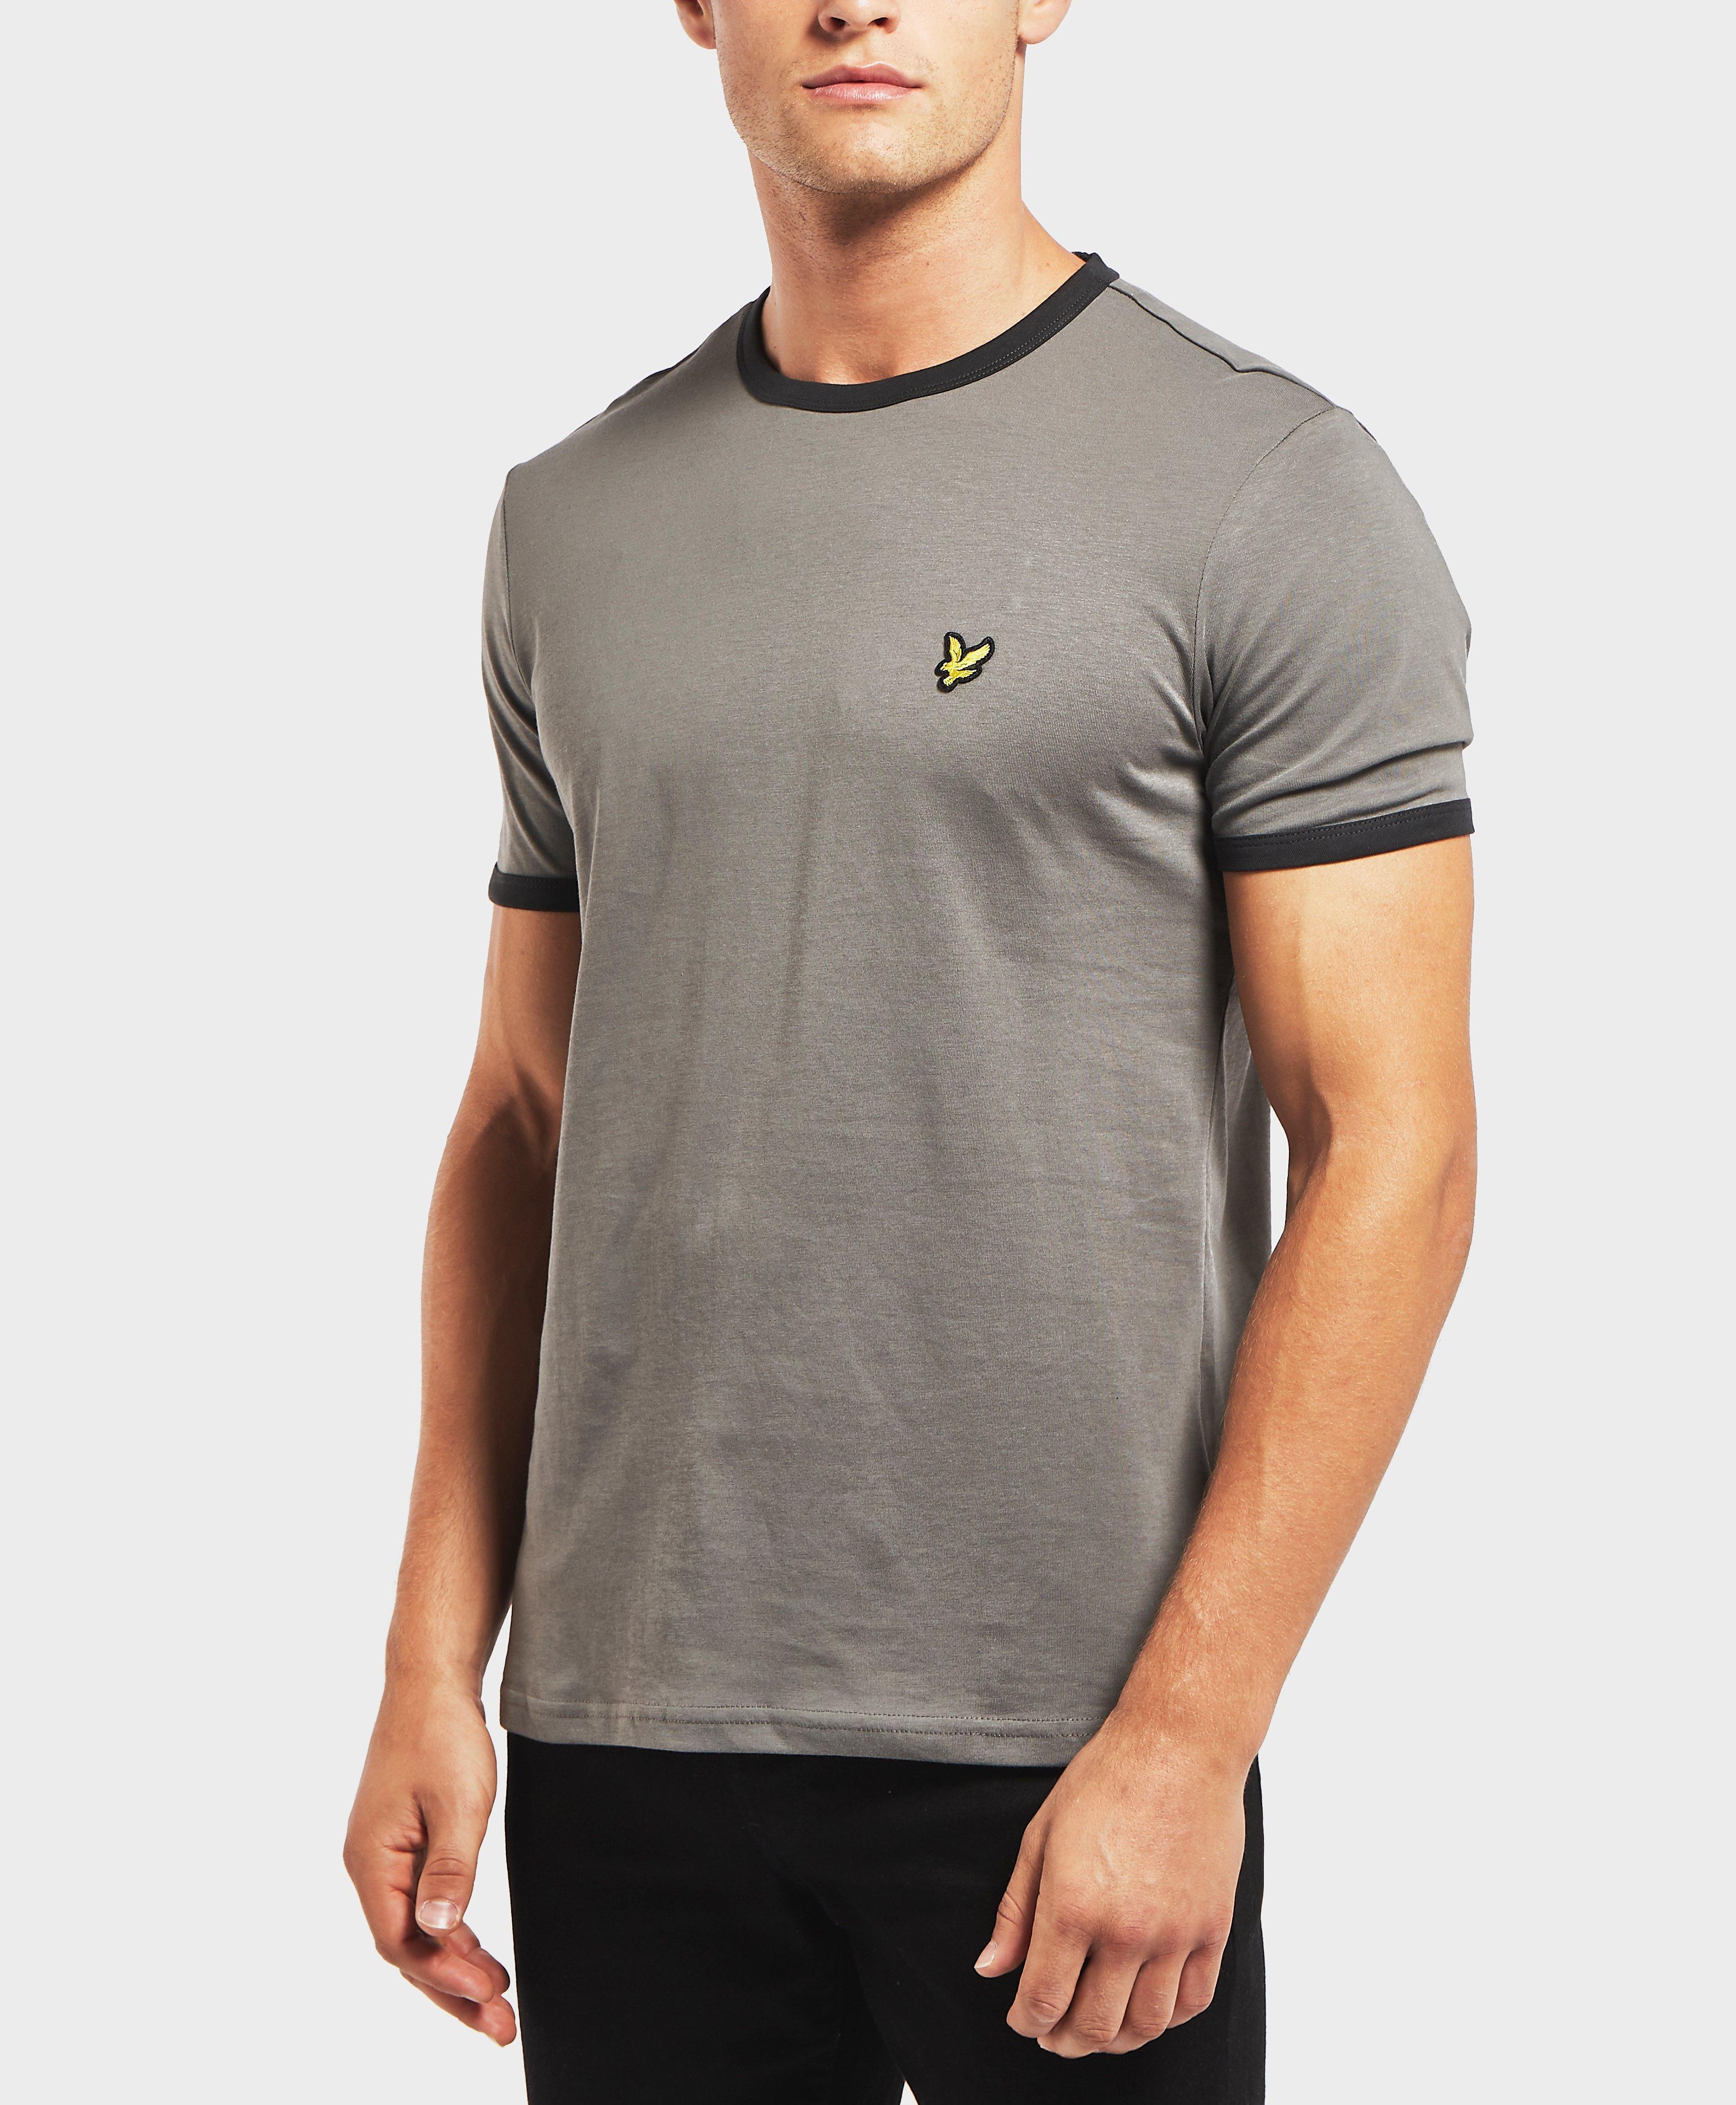 565bbd51e Lyst - Lyle & Scott Short Sleeve Ringer T-shirt in Gray for Men